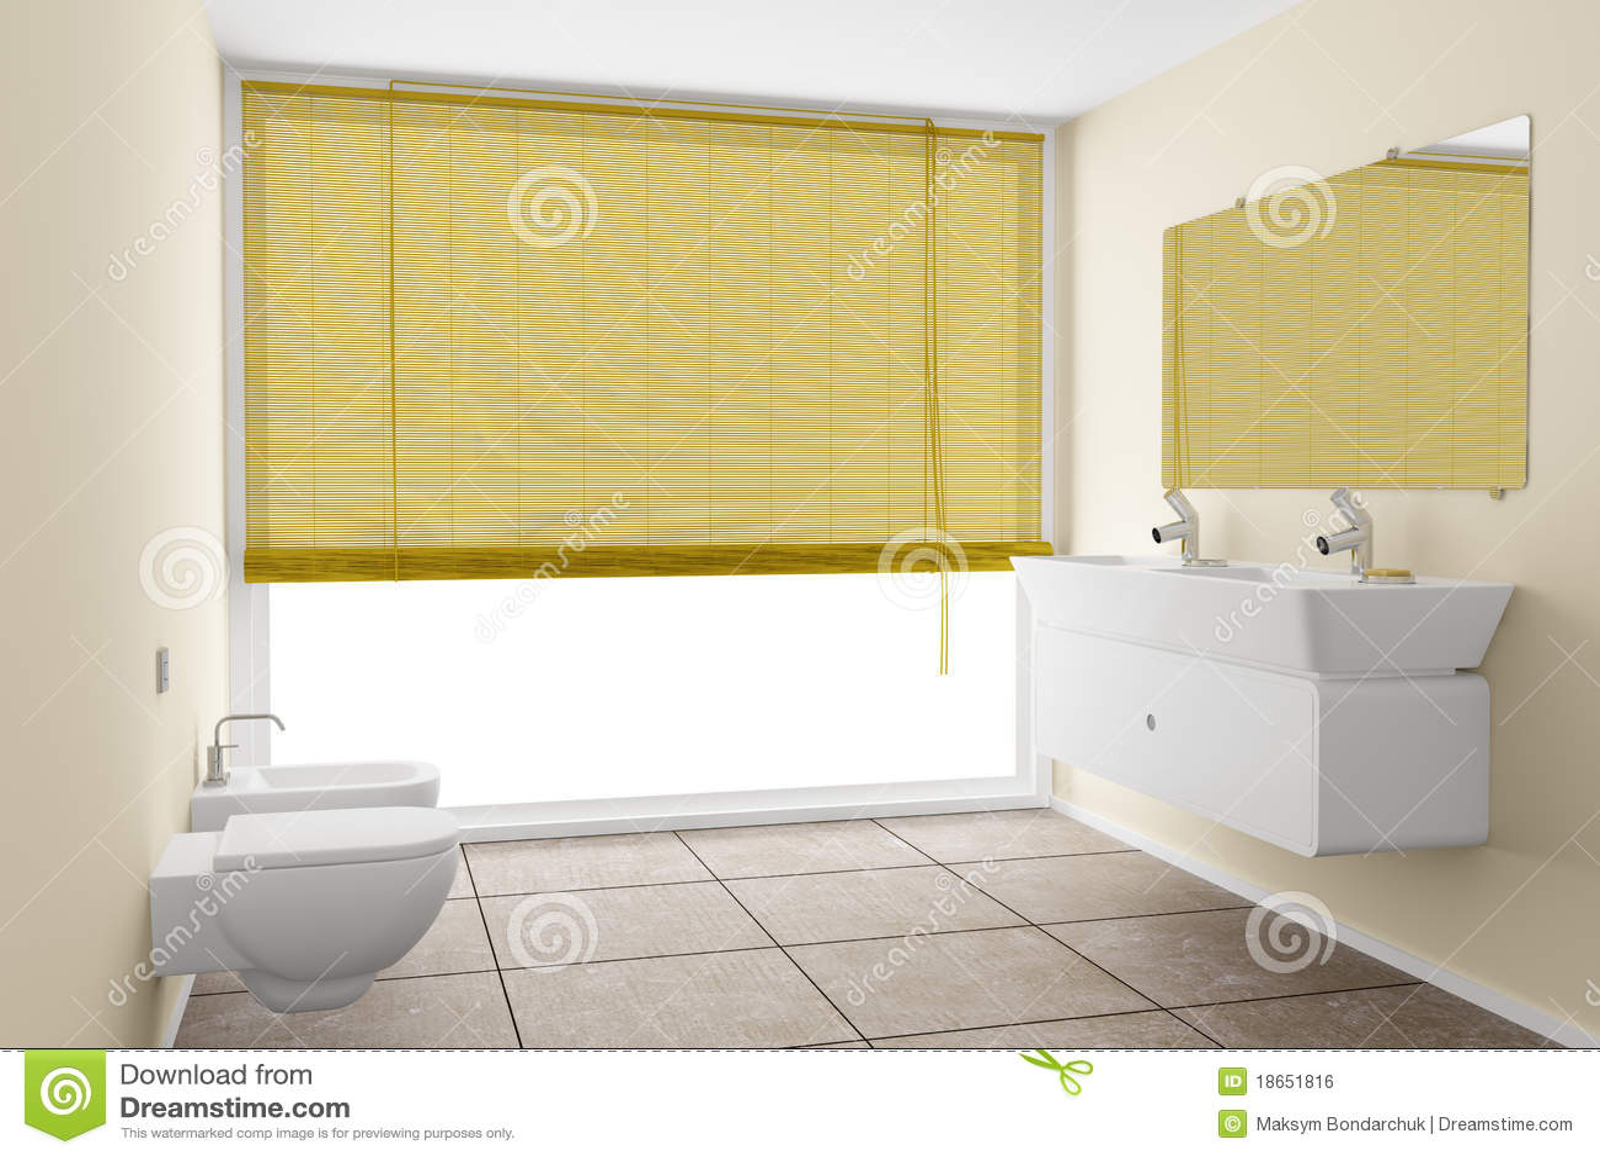 Modernes Badezimmer Mit Beige Wänden Stock Abbildung ...